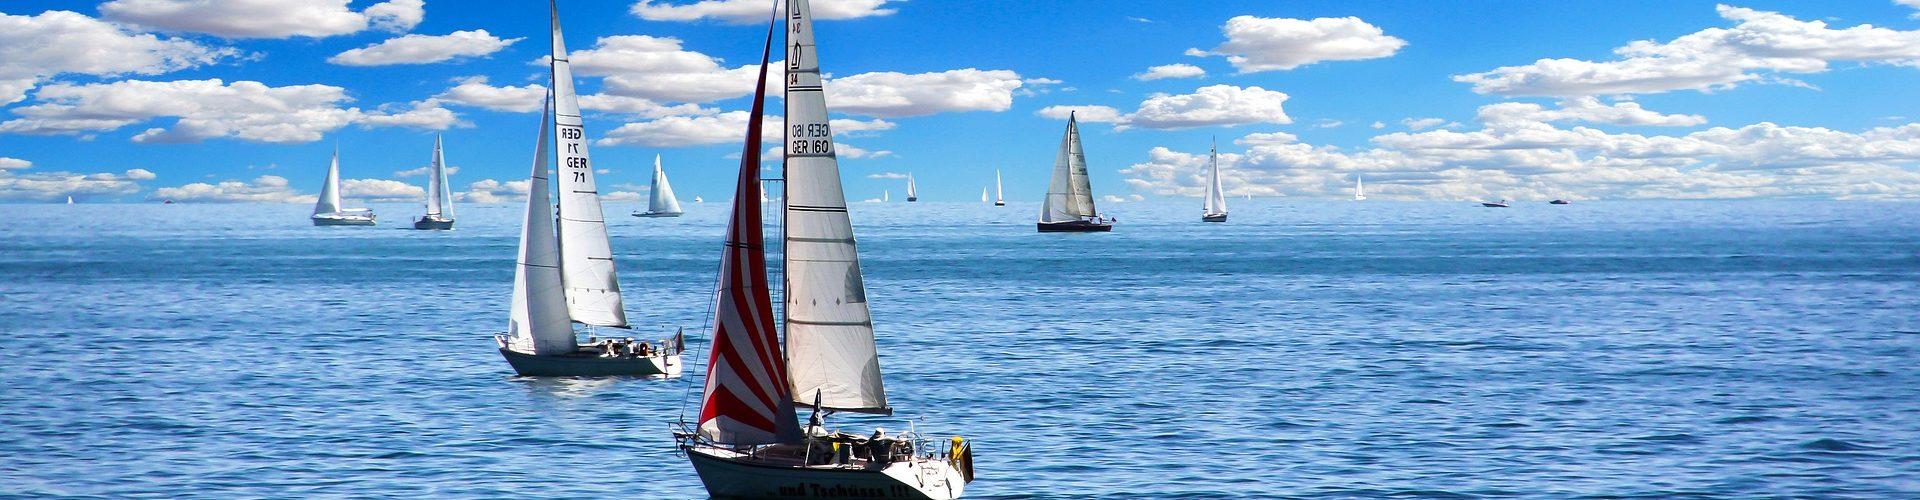 segeln lernen in Oberlangen segelschein machen in Oberlangen 1920x500 - Segeln lernen in Oberlangen